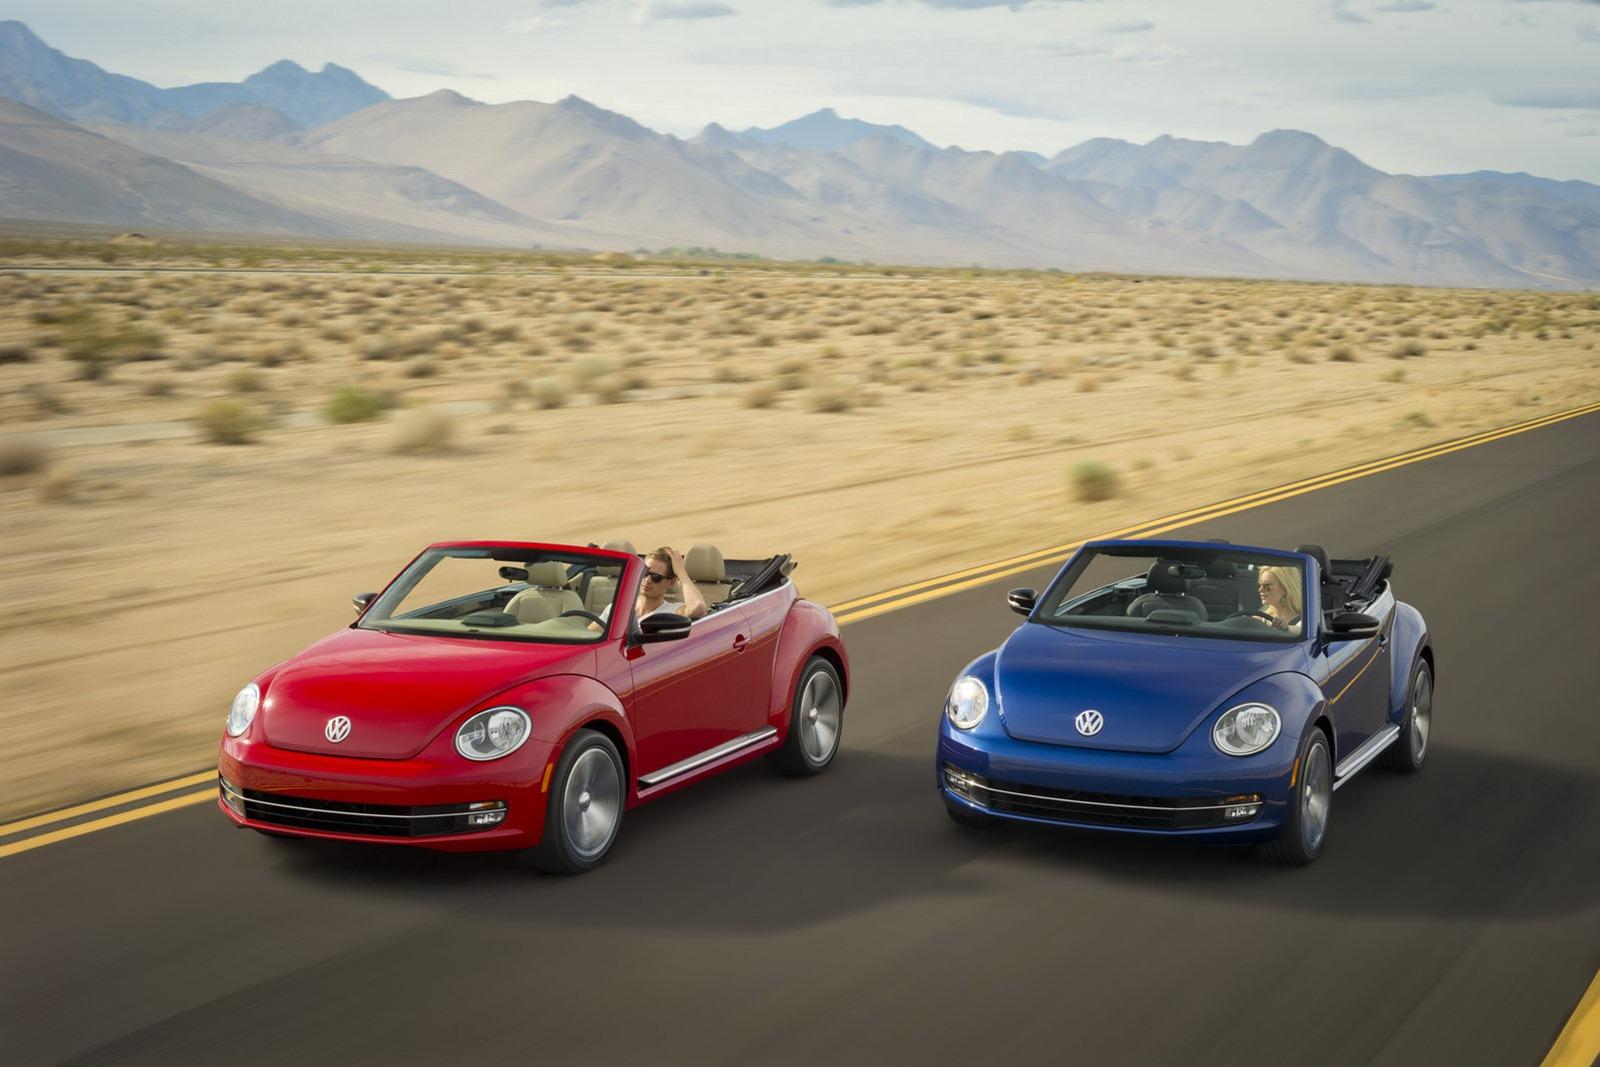 Volkswagen_Beetle_Cabriolet_Driving